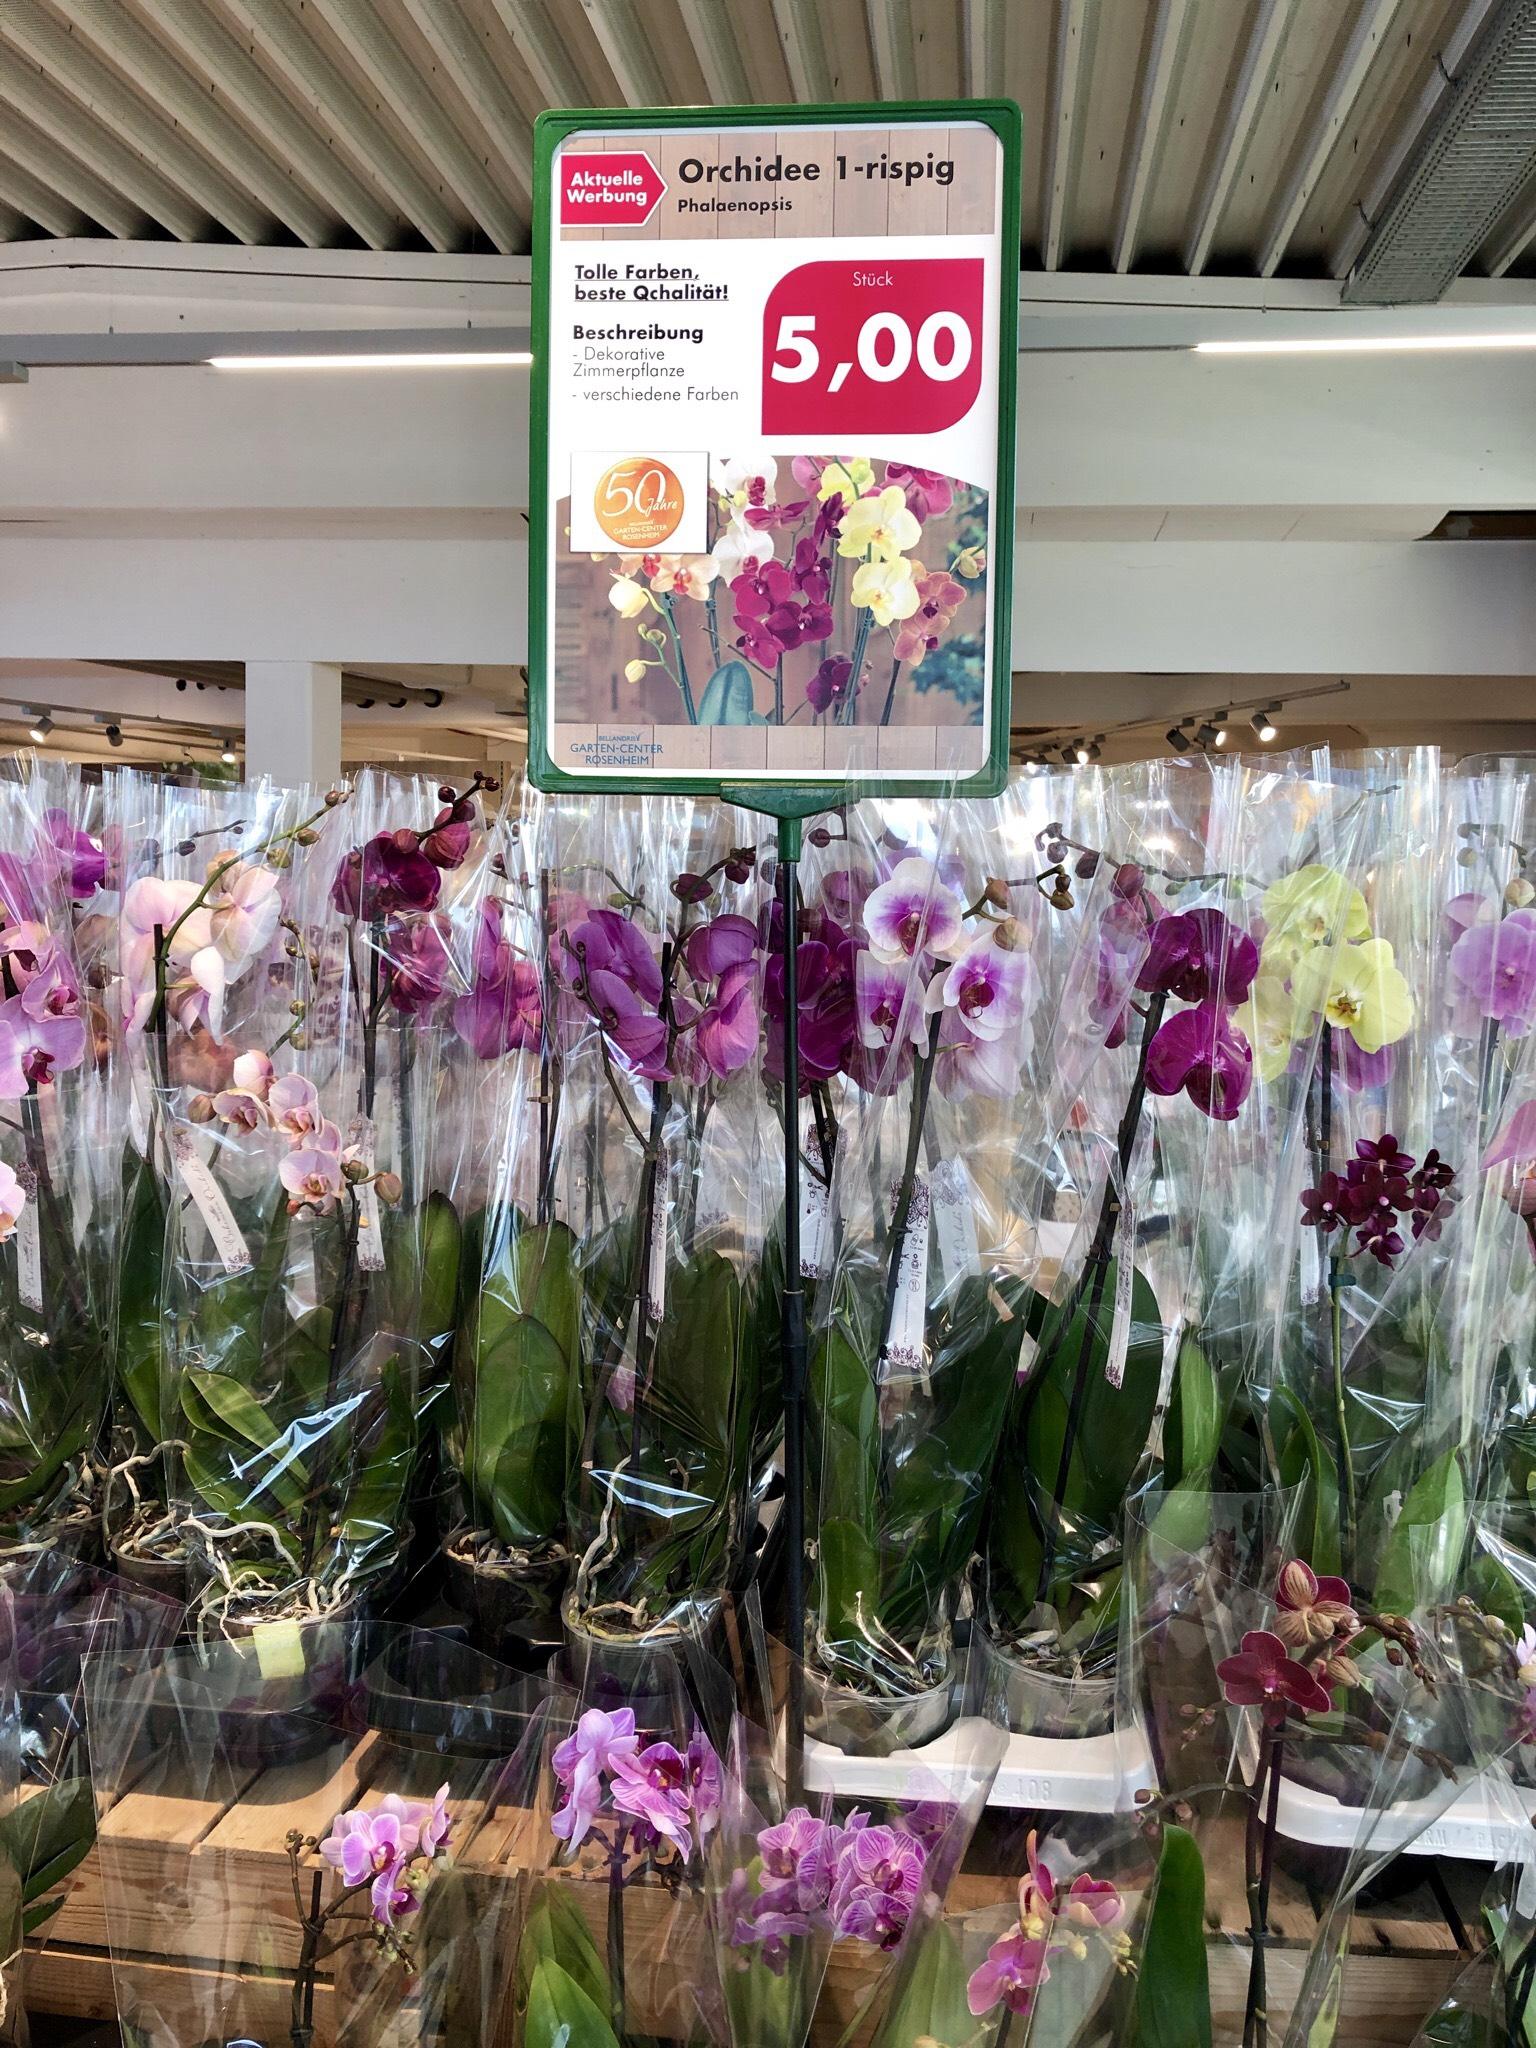 Orchideen für 5,- in Rosenheim